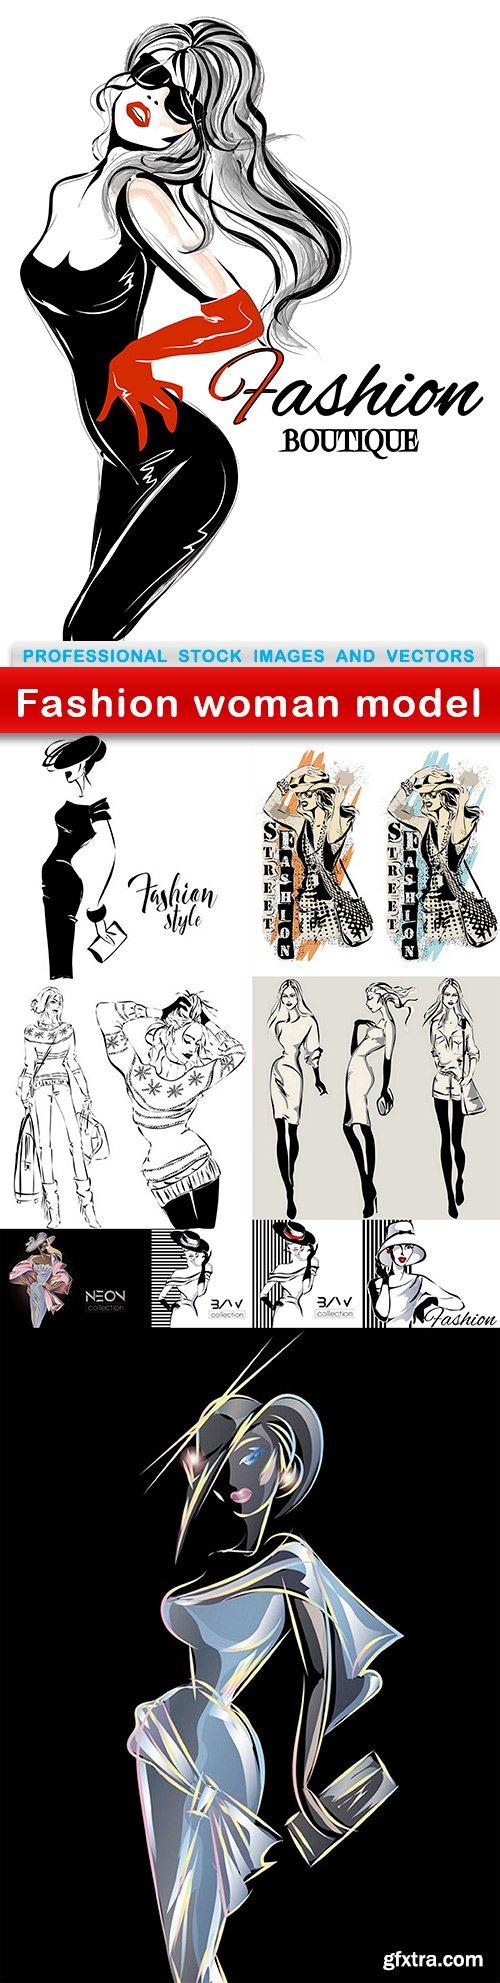 Fashion woman model - 10 EPS